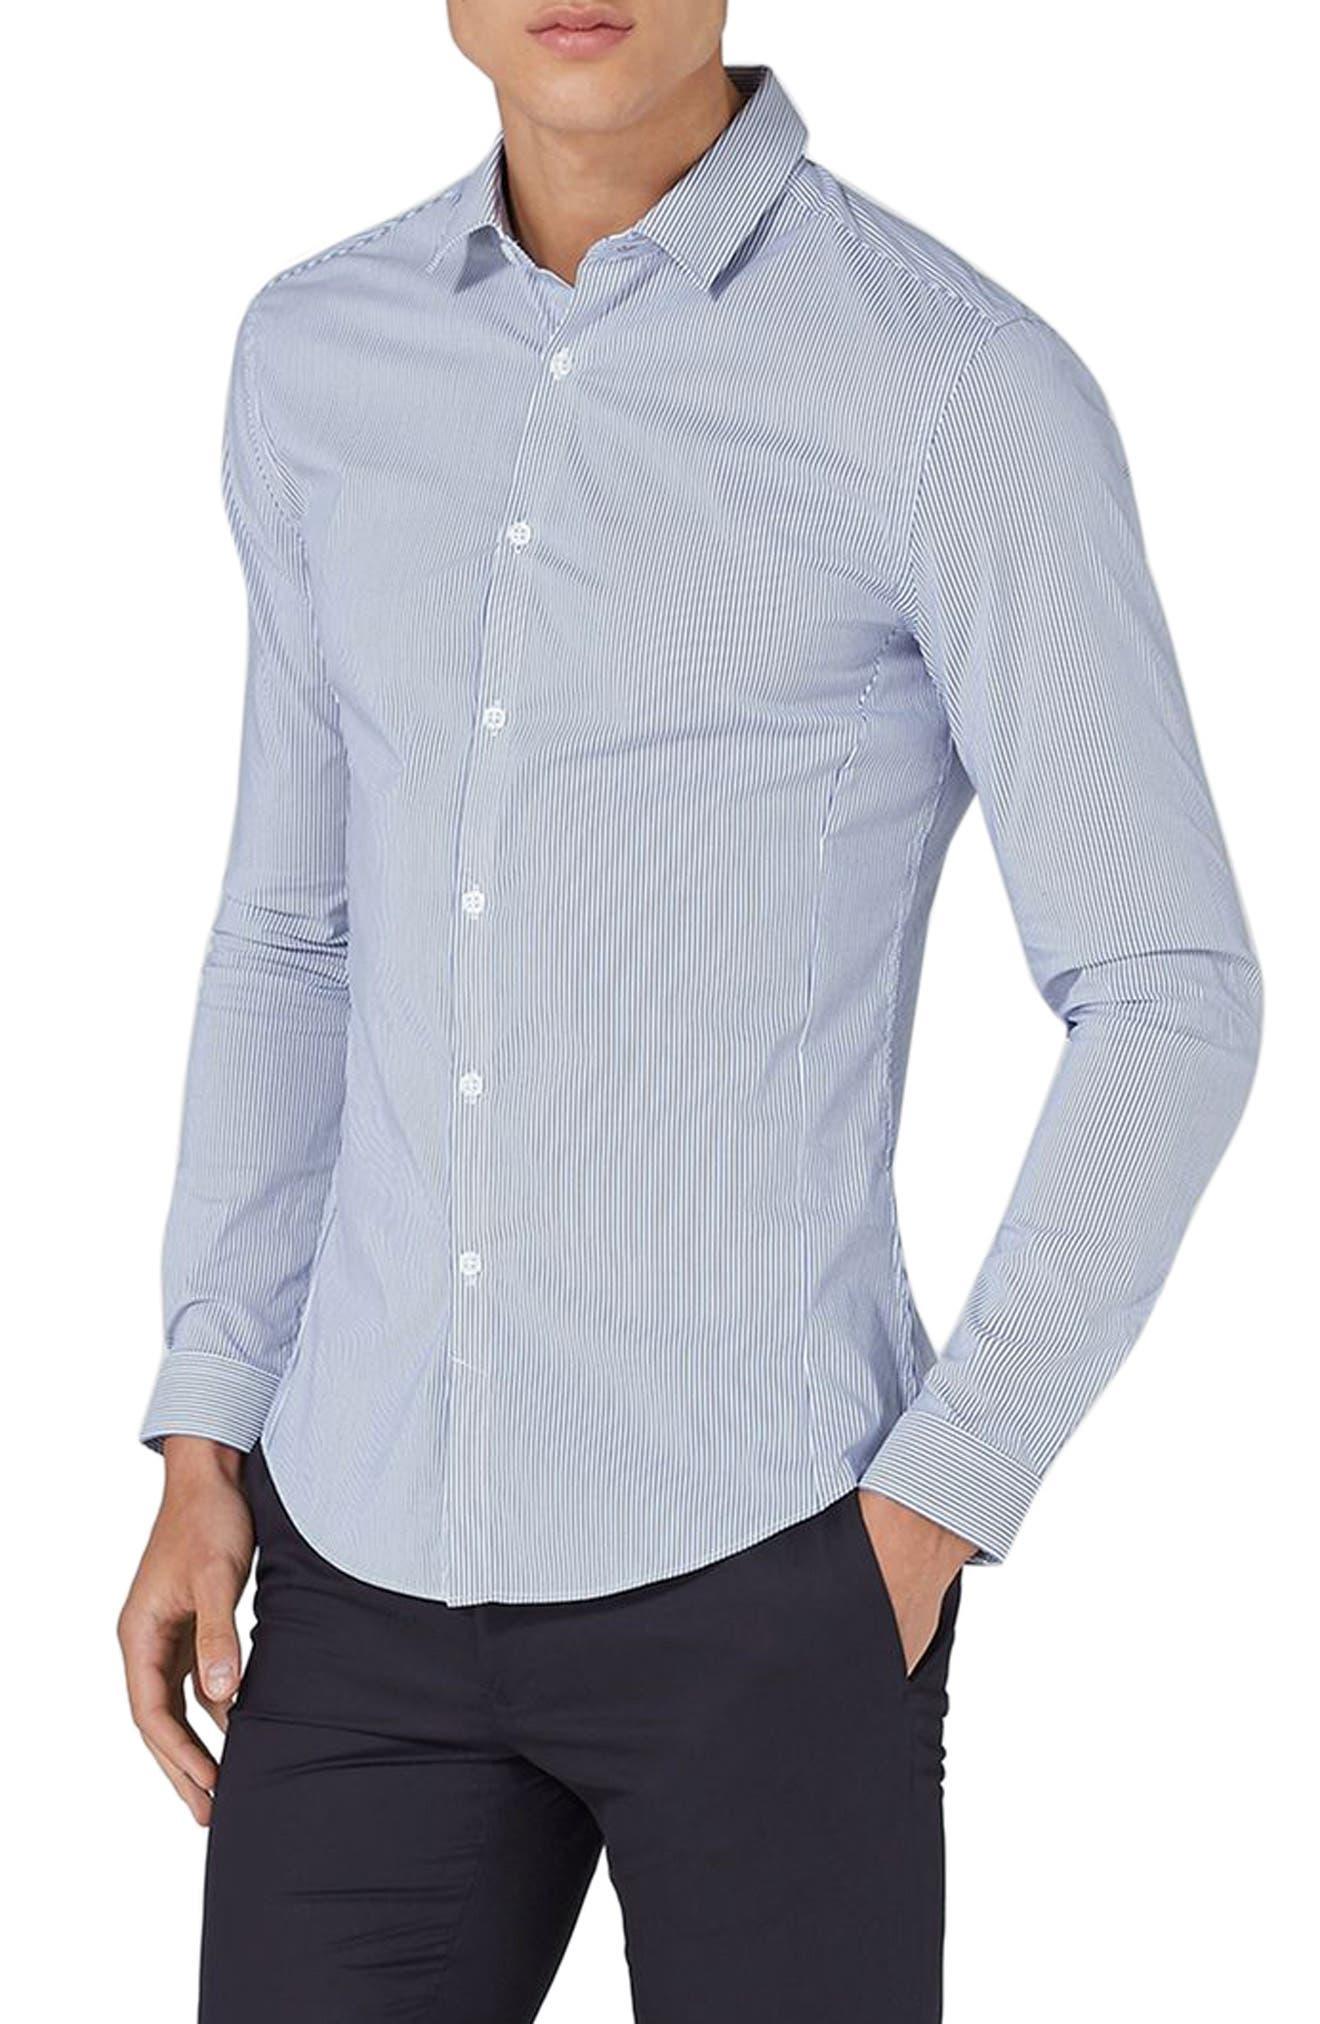 Muscle Fit Smart Shirt,                         Main,                         color, Blue Multi